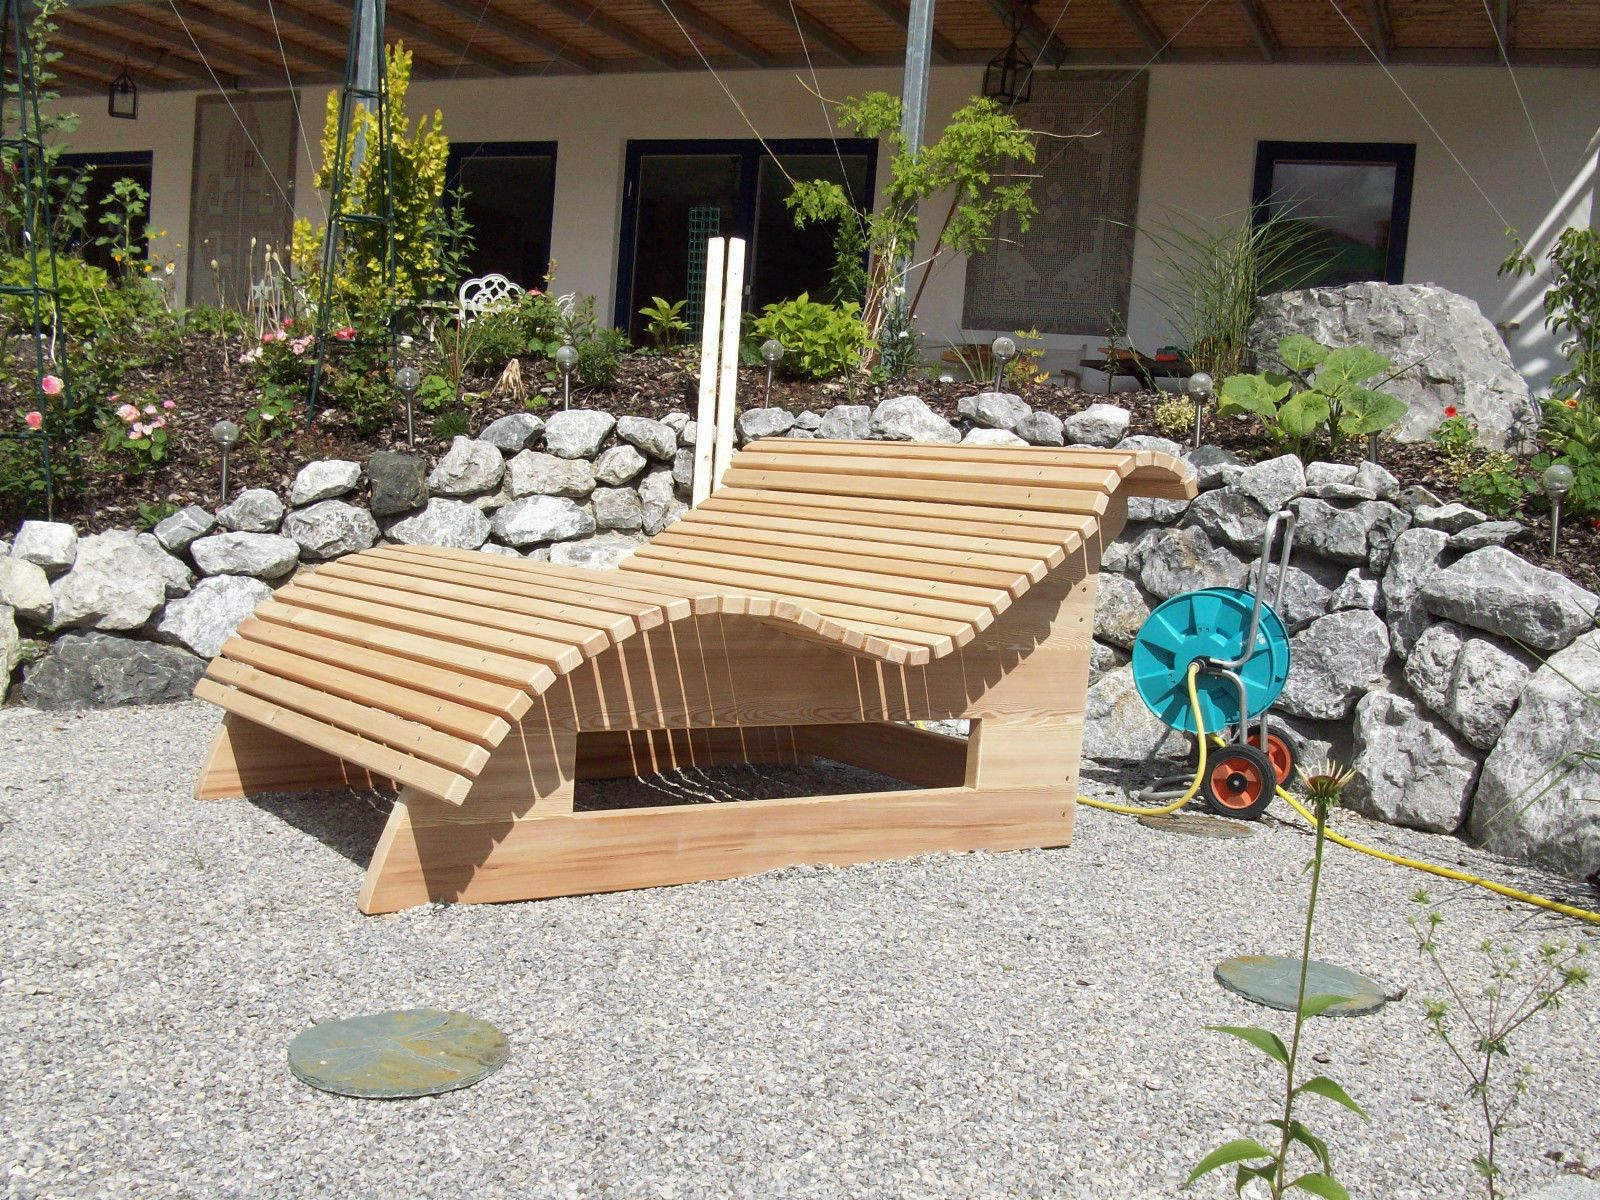 Relaxliege Wellnessliege Holzliege Gartenmöbel Entspannung Wohlfühlliege Ebay Wellnessliege Holzliege Relaxliege Garten